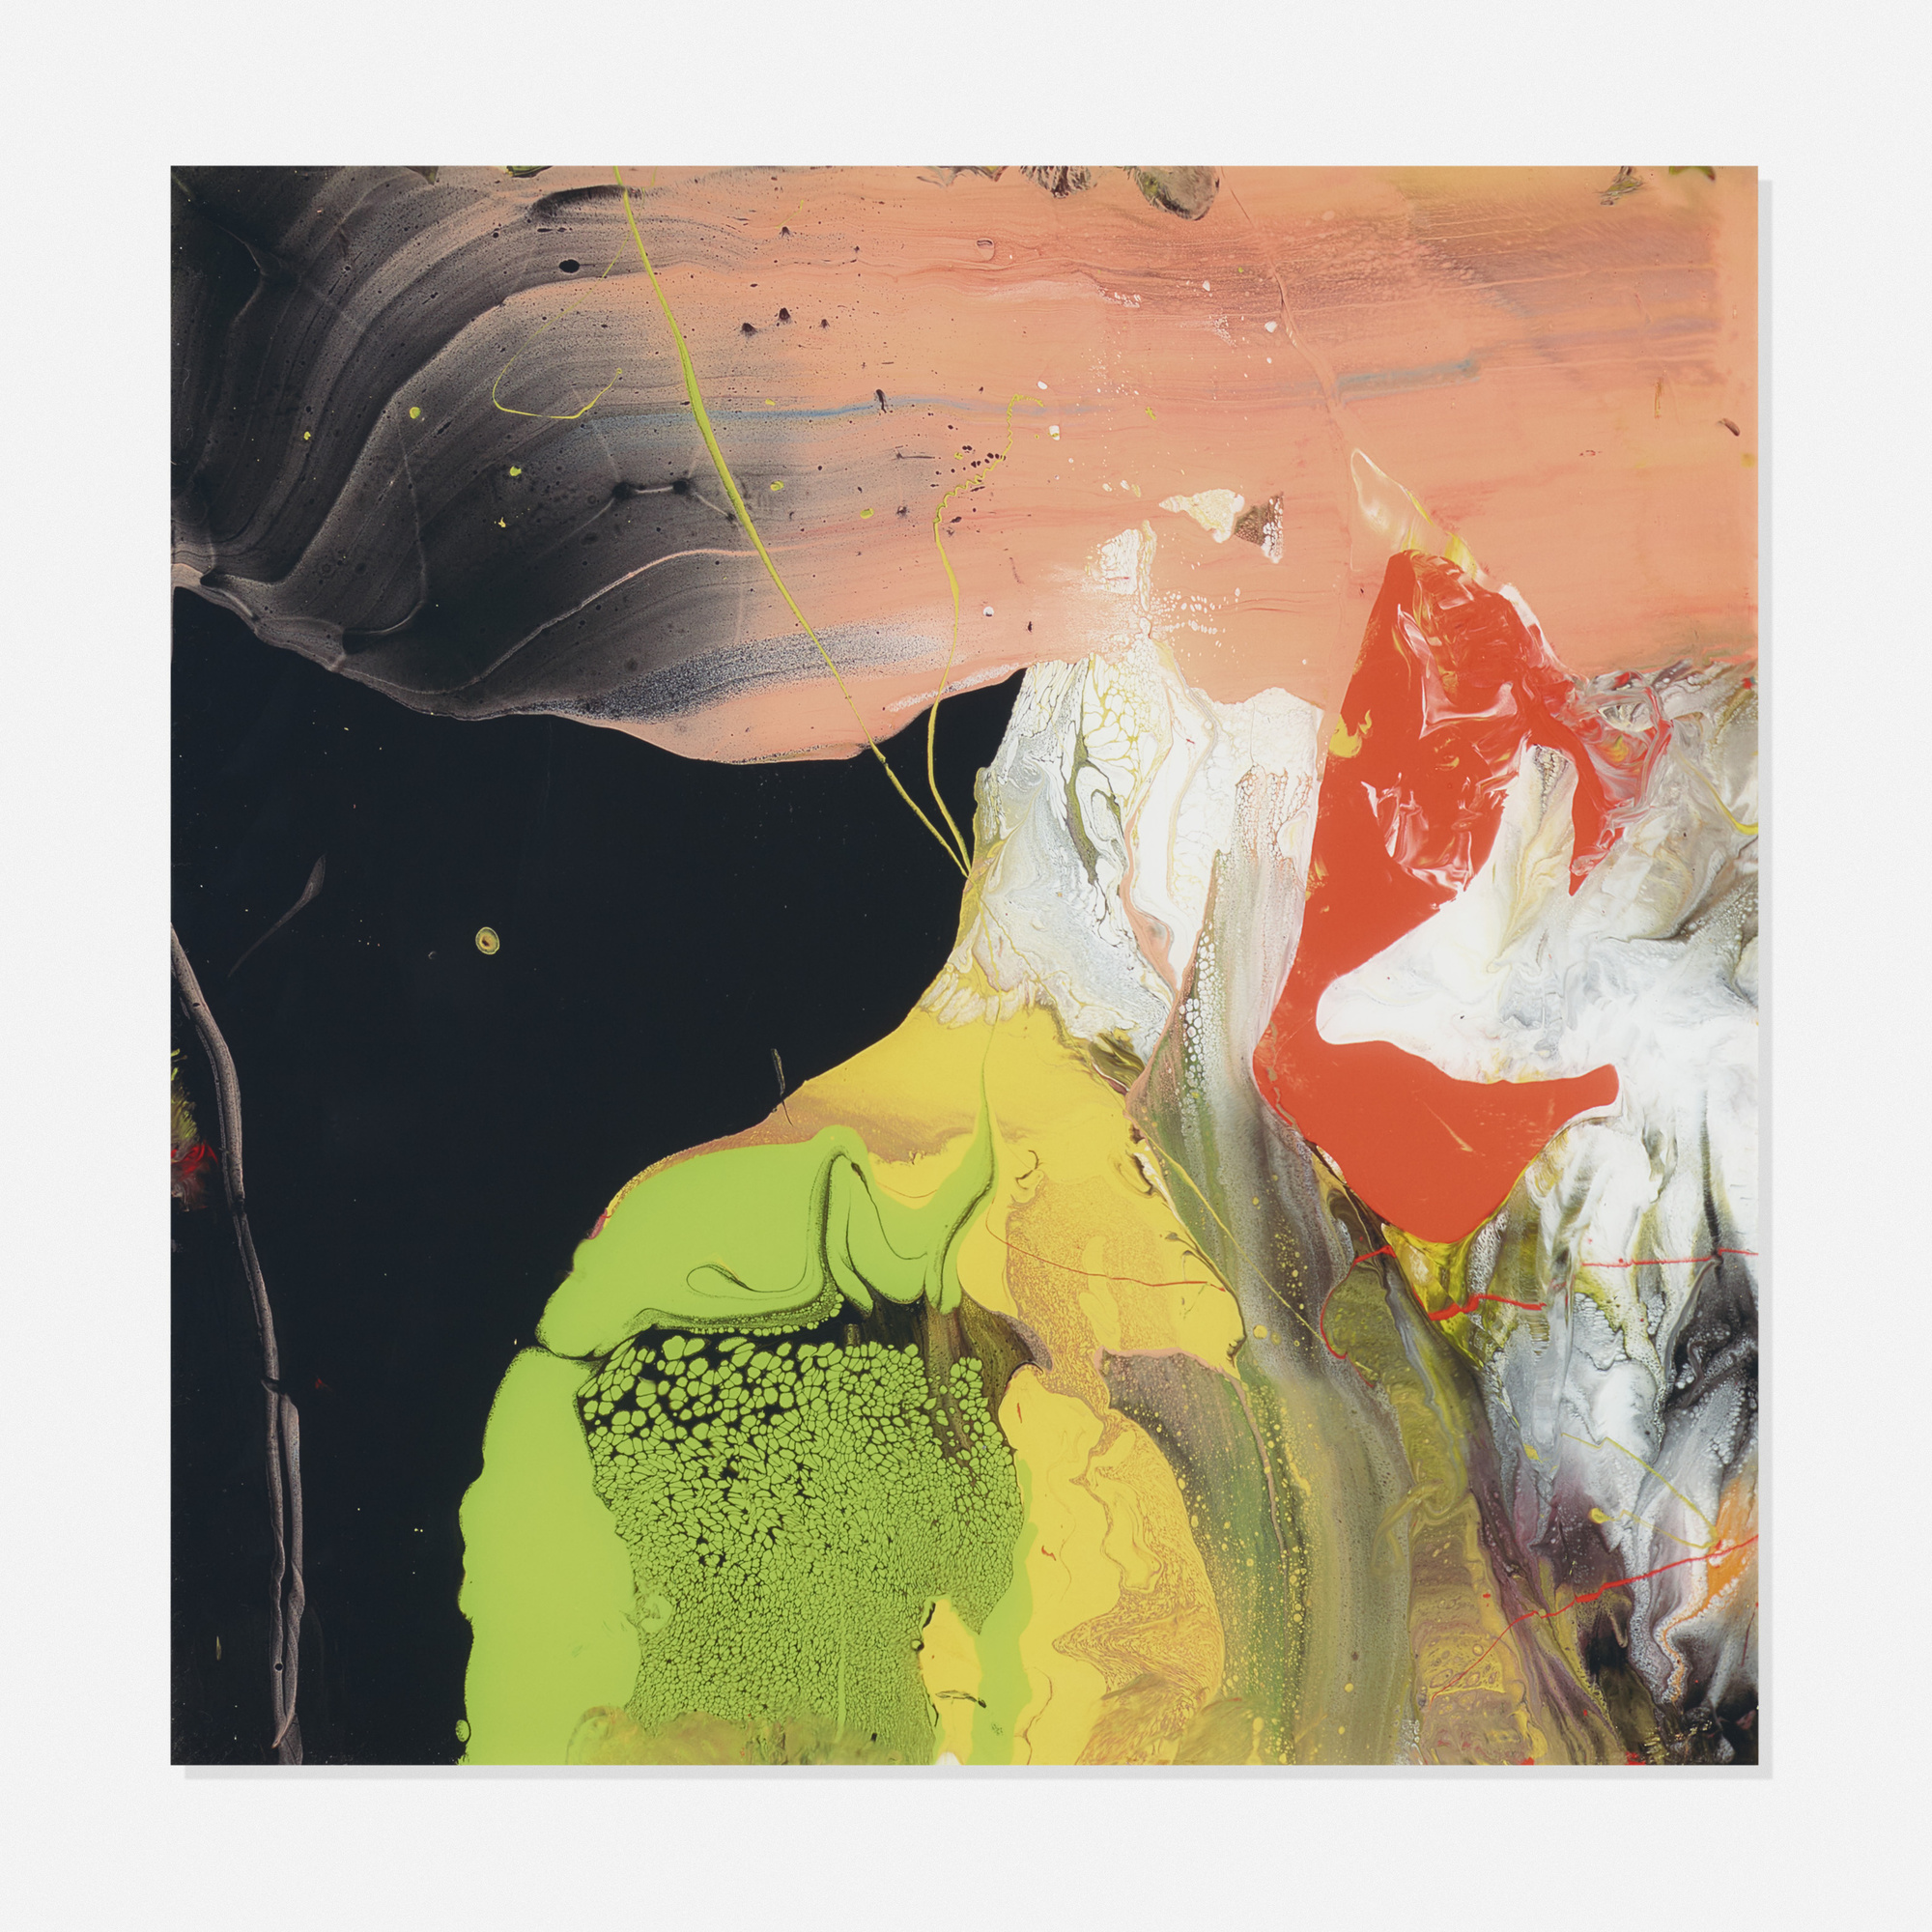 166: Gerhard Richter / Flow (P6) (1 of 2)